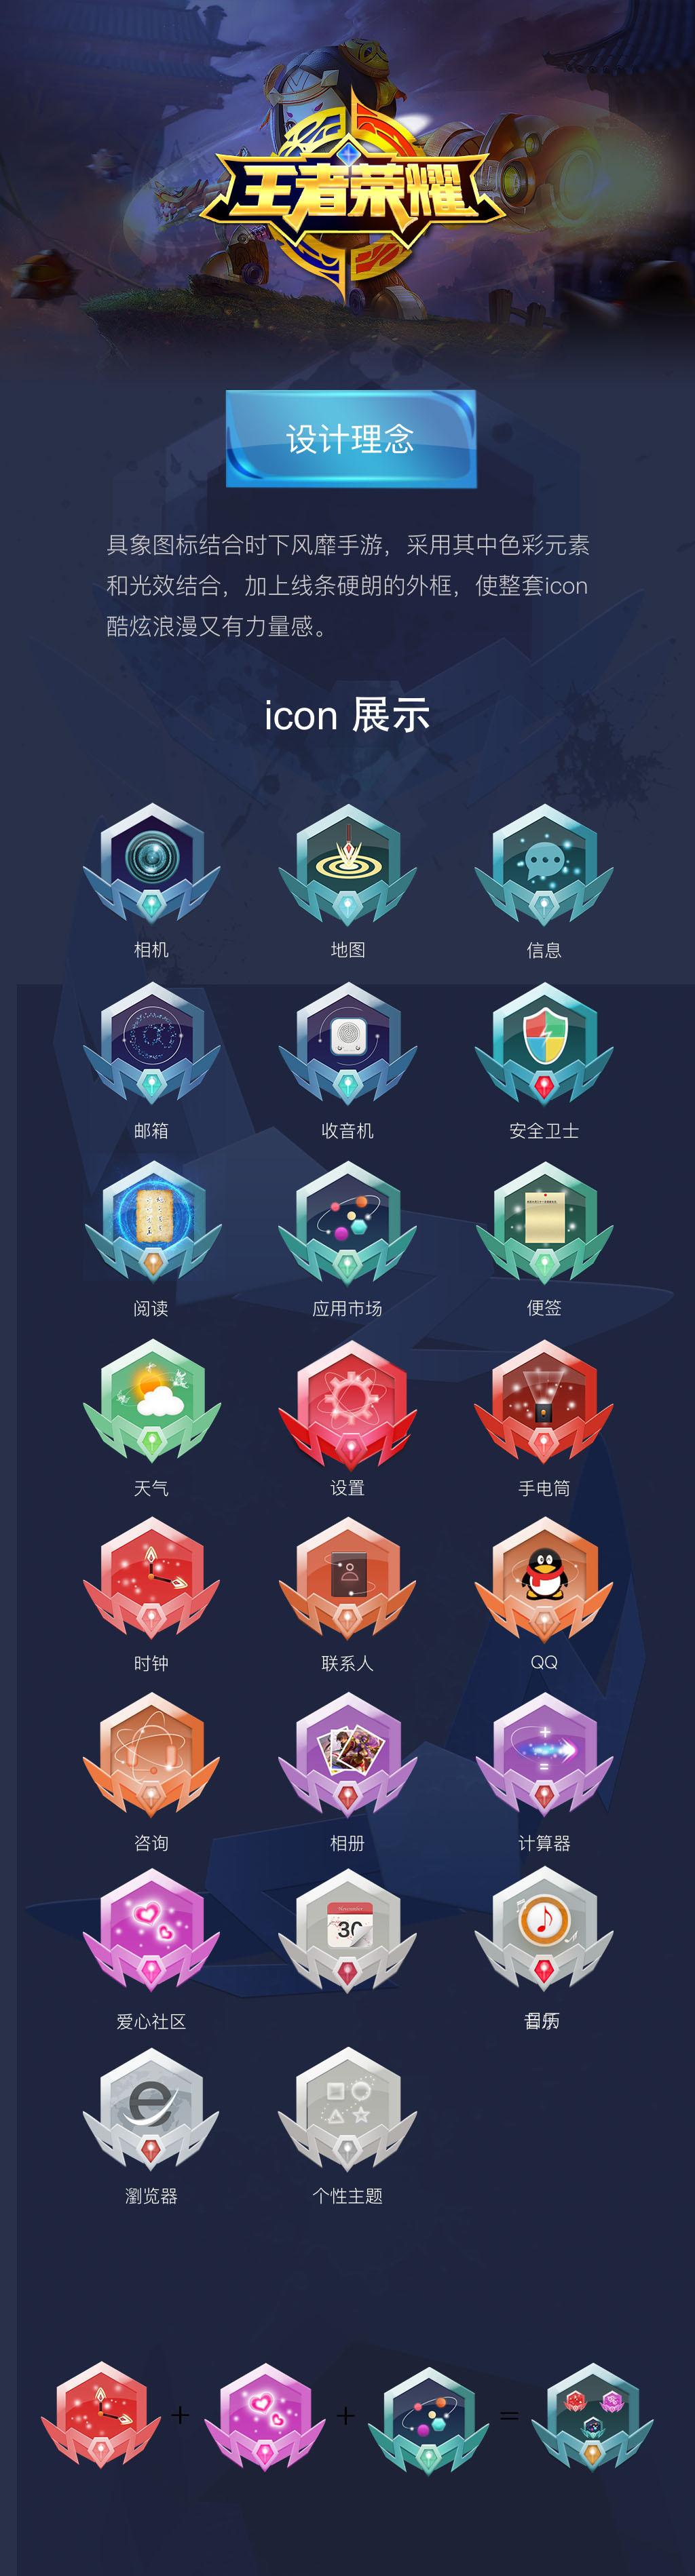 微信标签图标_王者荣耀icon|UI|图标|听海Aria - 原创作品 - 站酷 (ZCOOL)